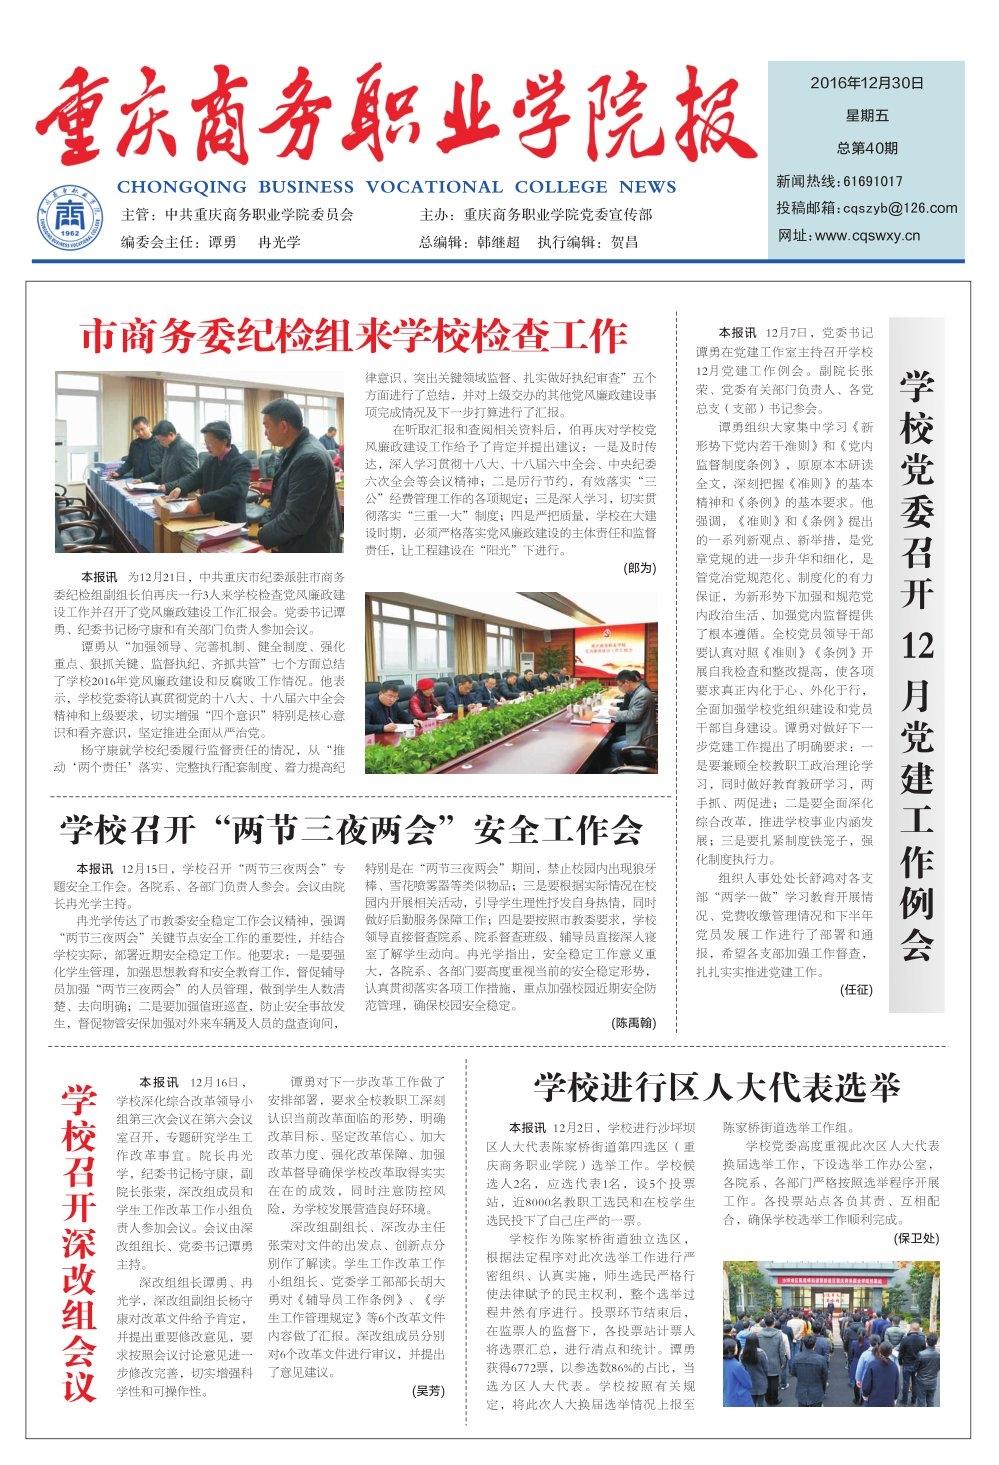 《重庆商务职业学院院报》